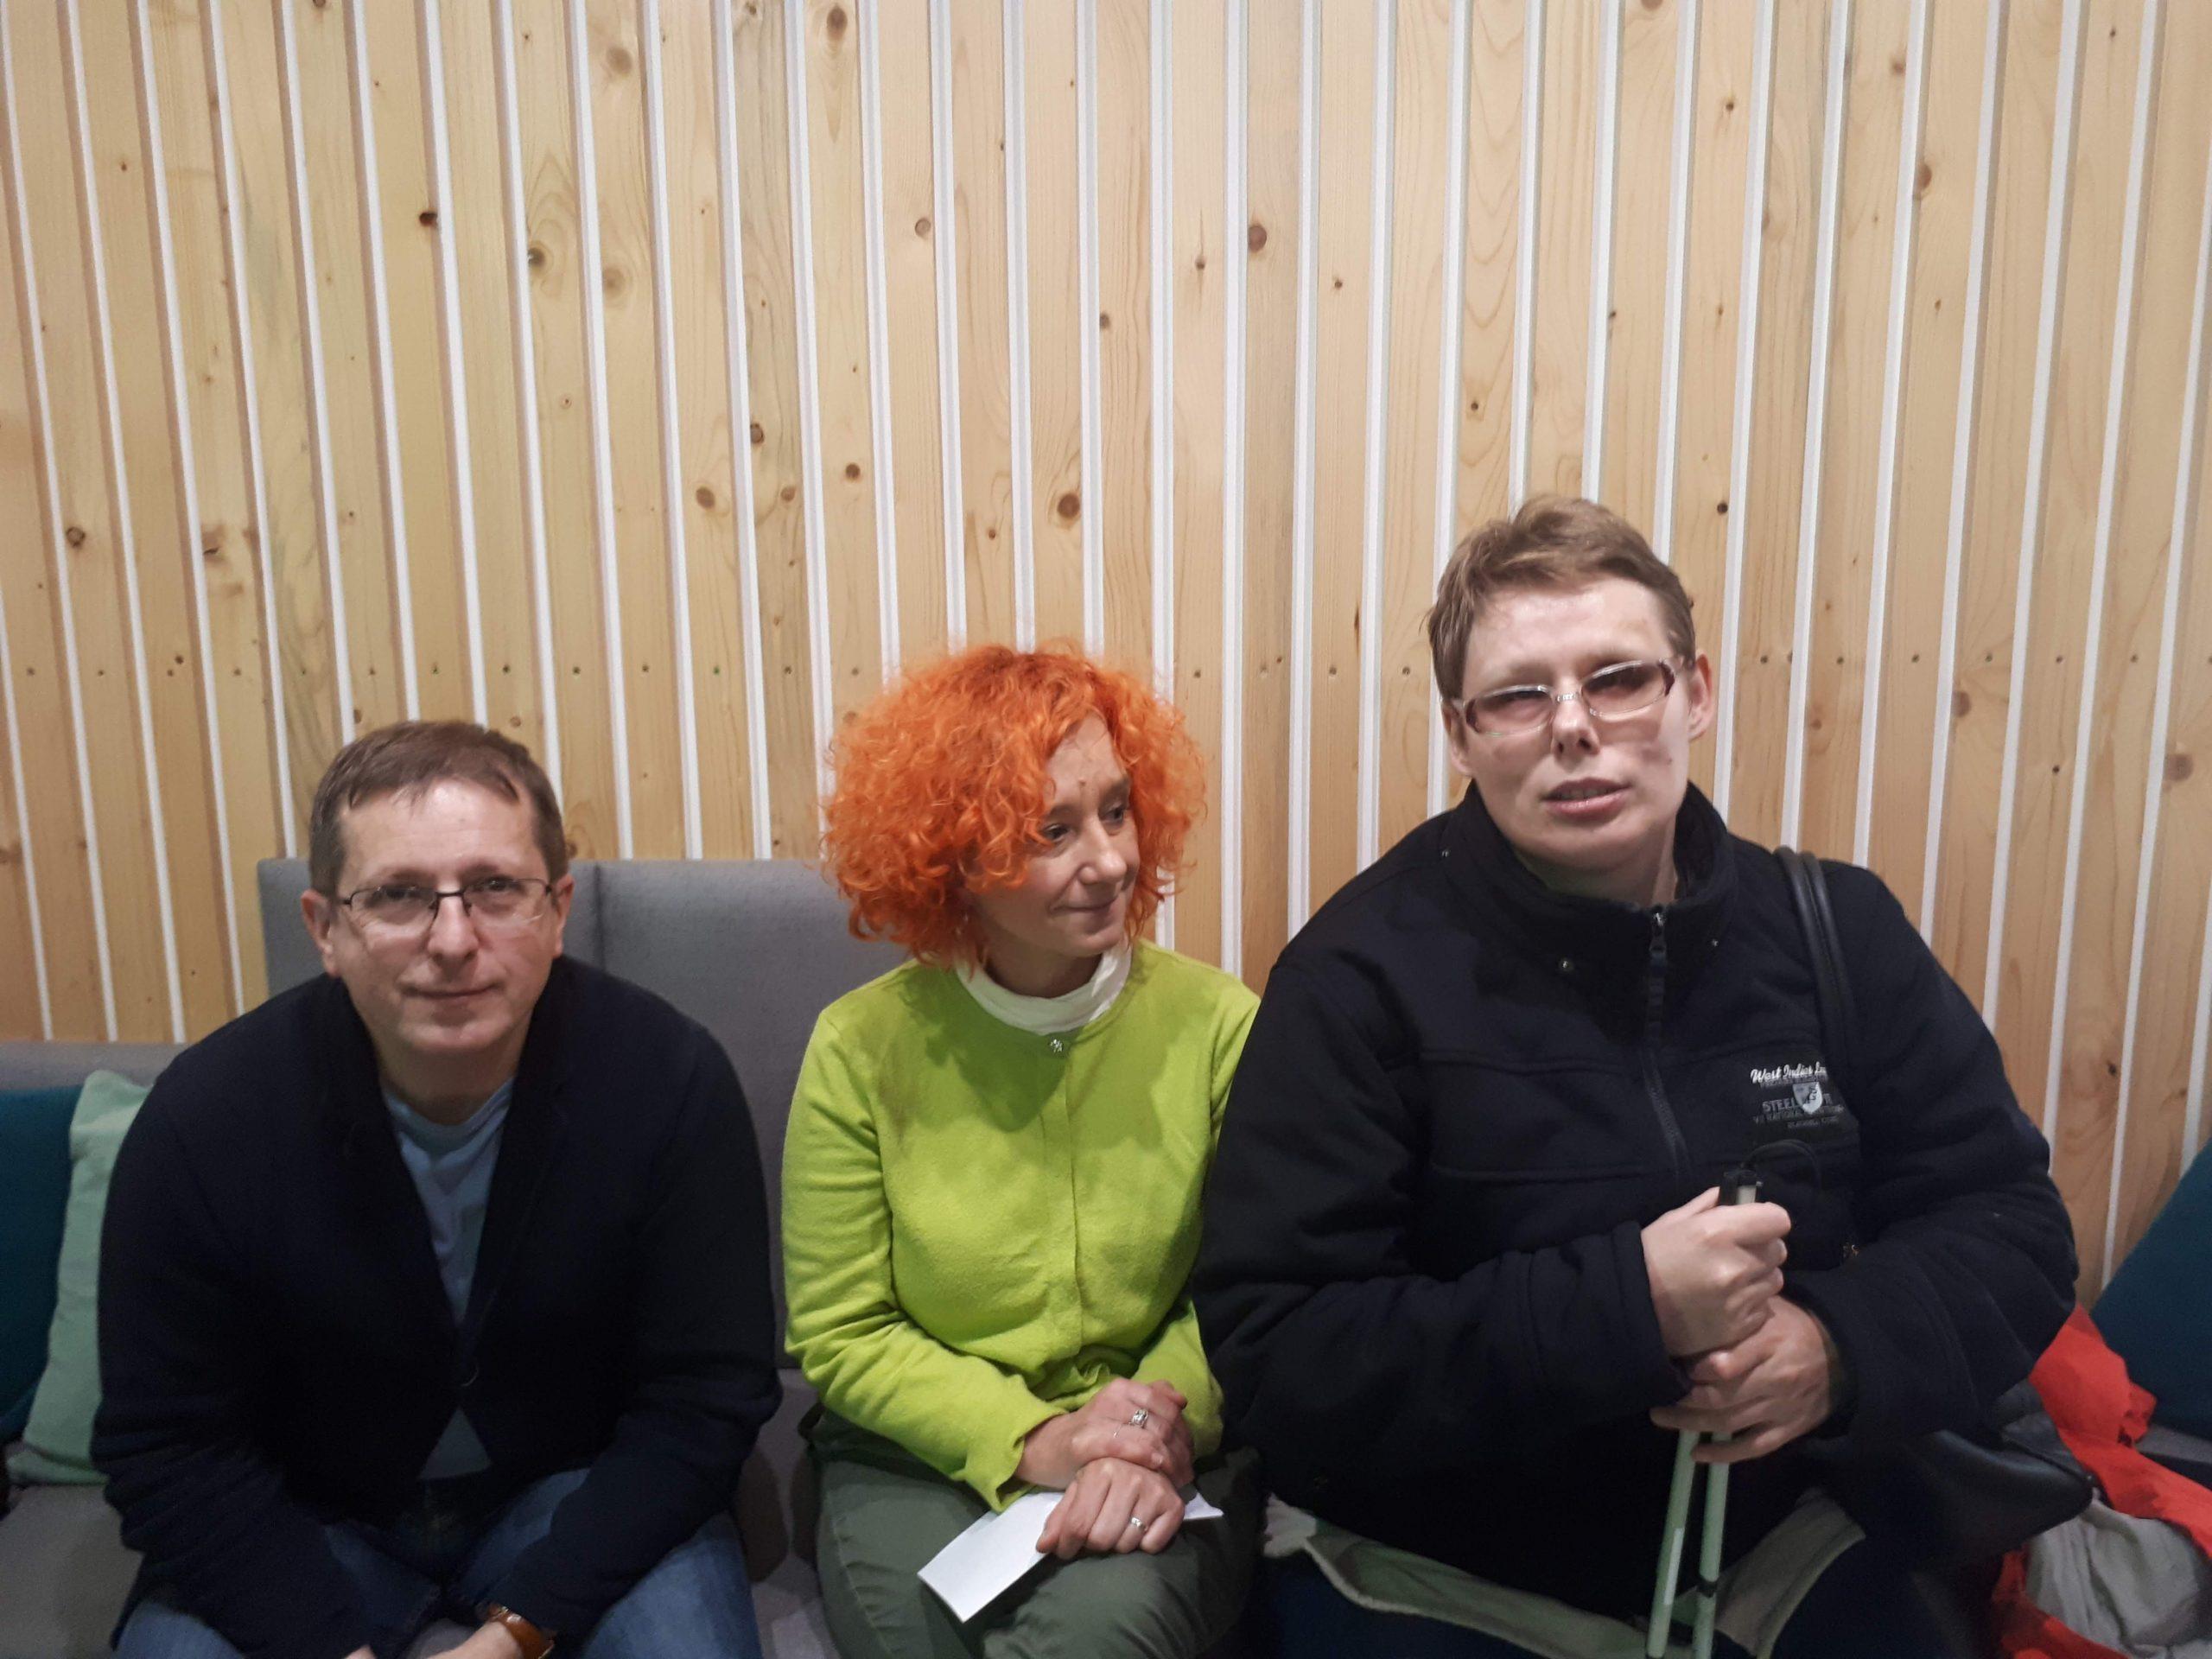 Na zdjęciu Stasia z Dariuszem Kortko i Judytą Watołą